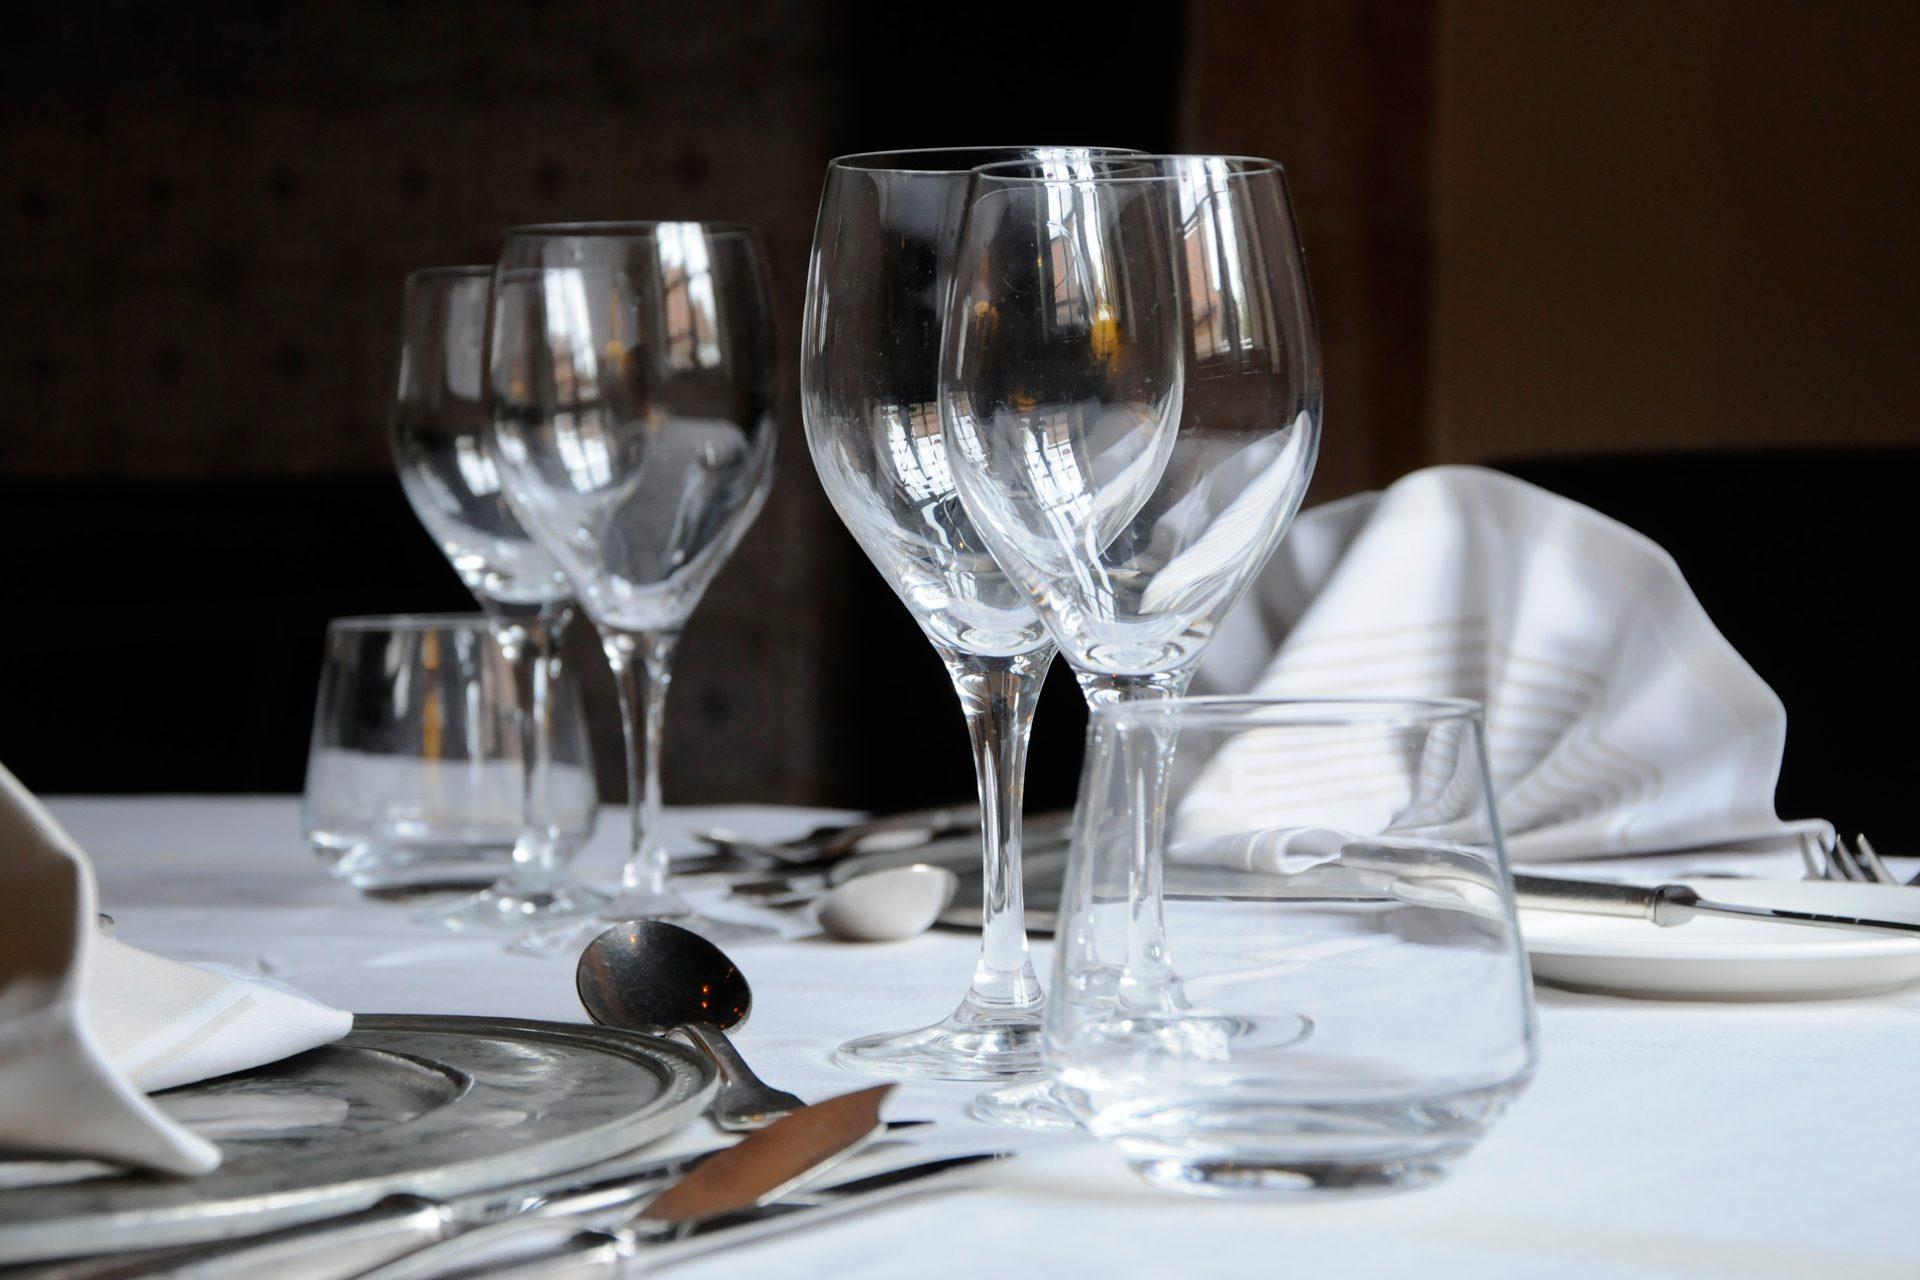 d2fcecae75540b Hoeve Dewalleff - Een unieke locatie voor al uw culinaire-, feestelijke en  zakelijke aangelegenheden!